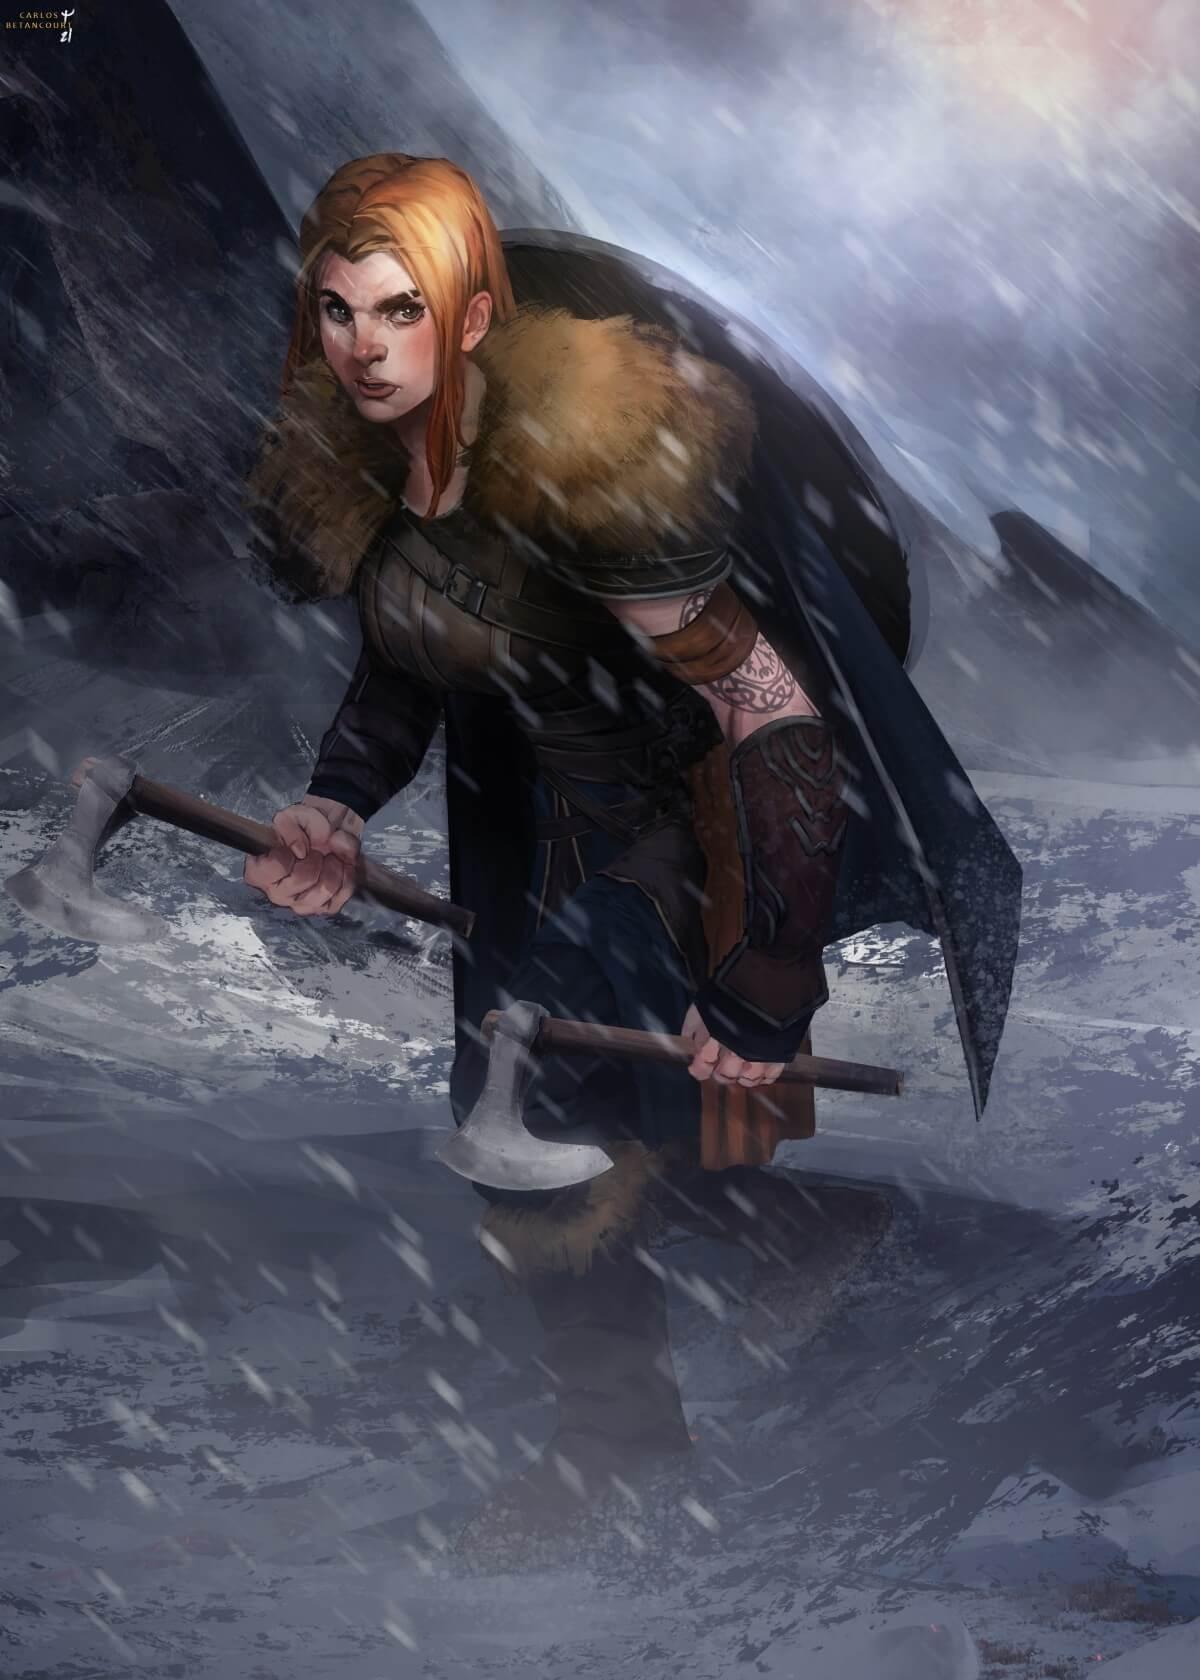 'Siren of the Mountains' by Carlos Betancourt, Venezuela   Viking Warrior Challenge by Huntlancer